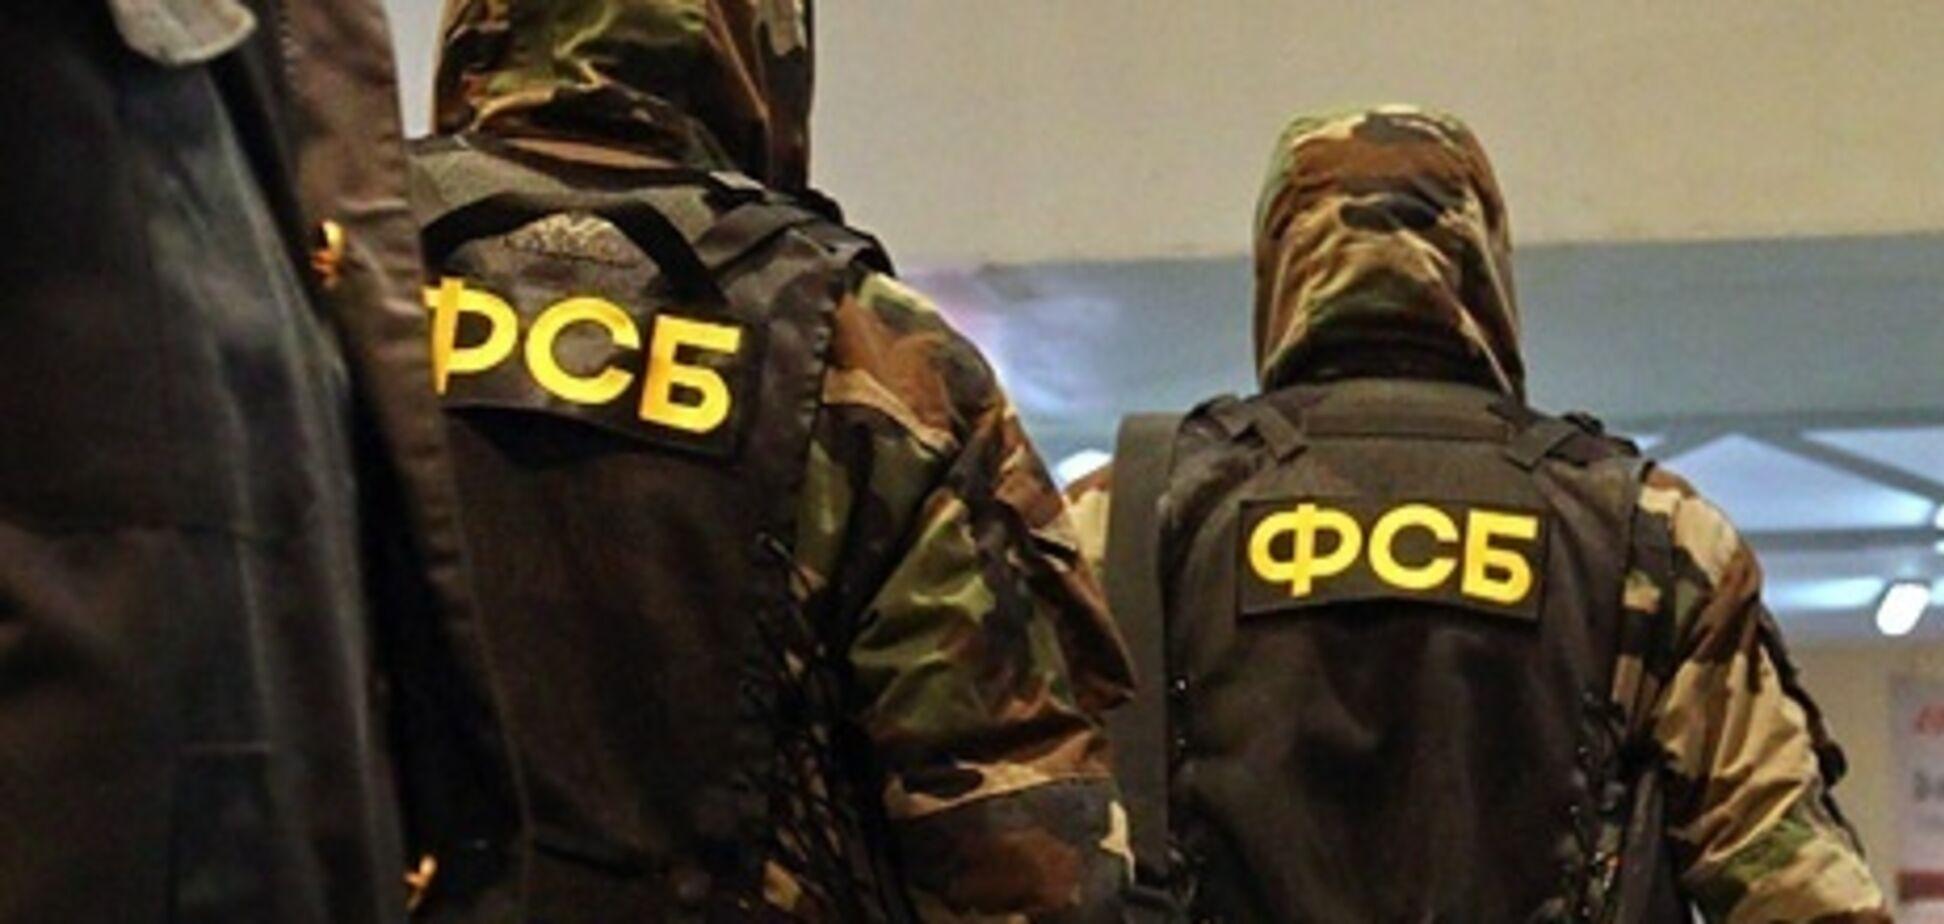 Разоблачение сотрудницы СБУ, работавшей на ФСБ